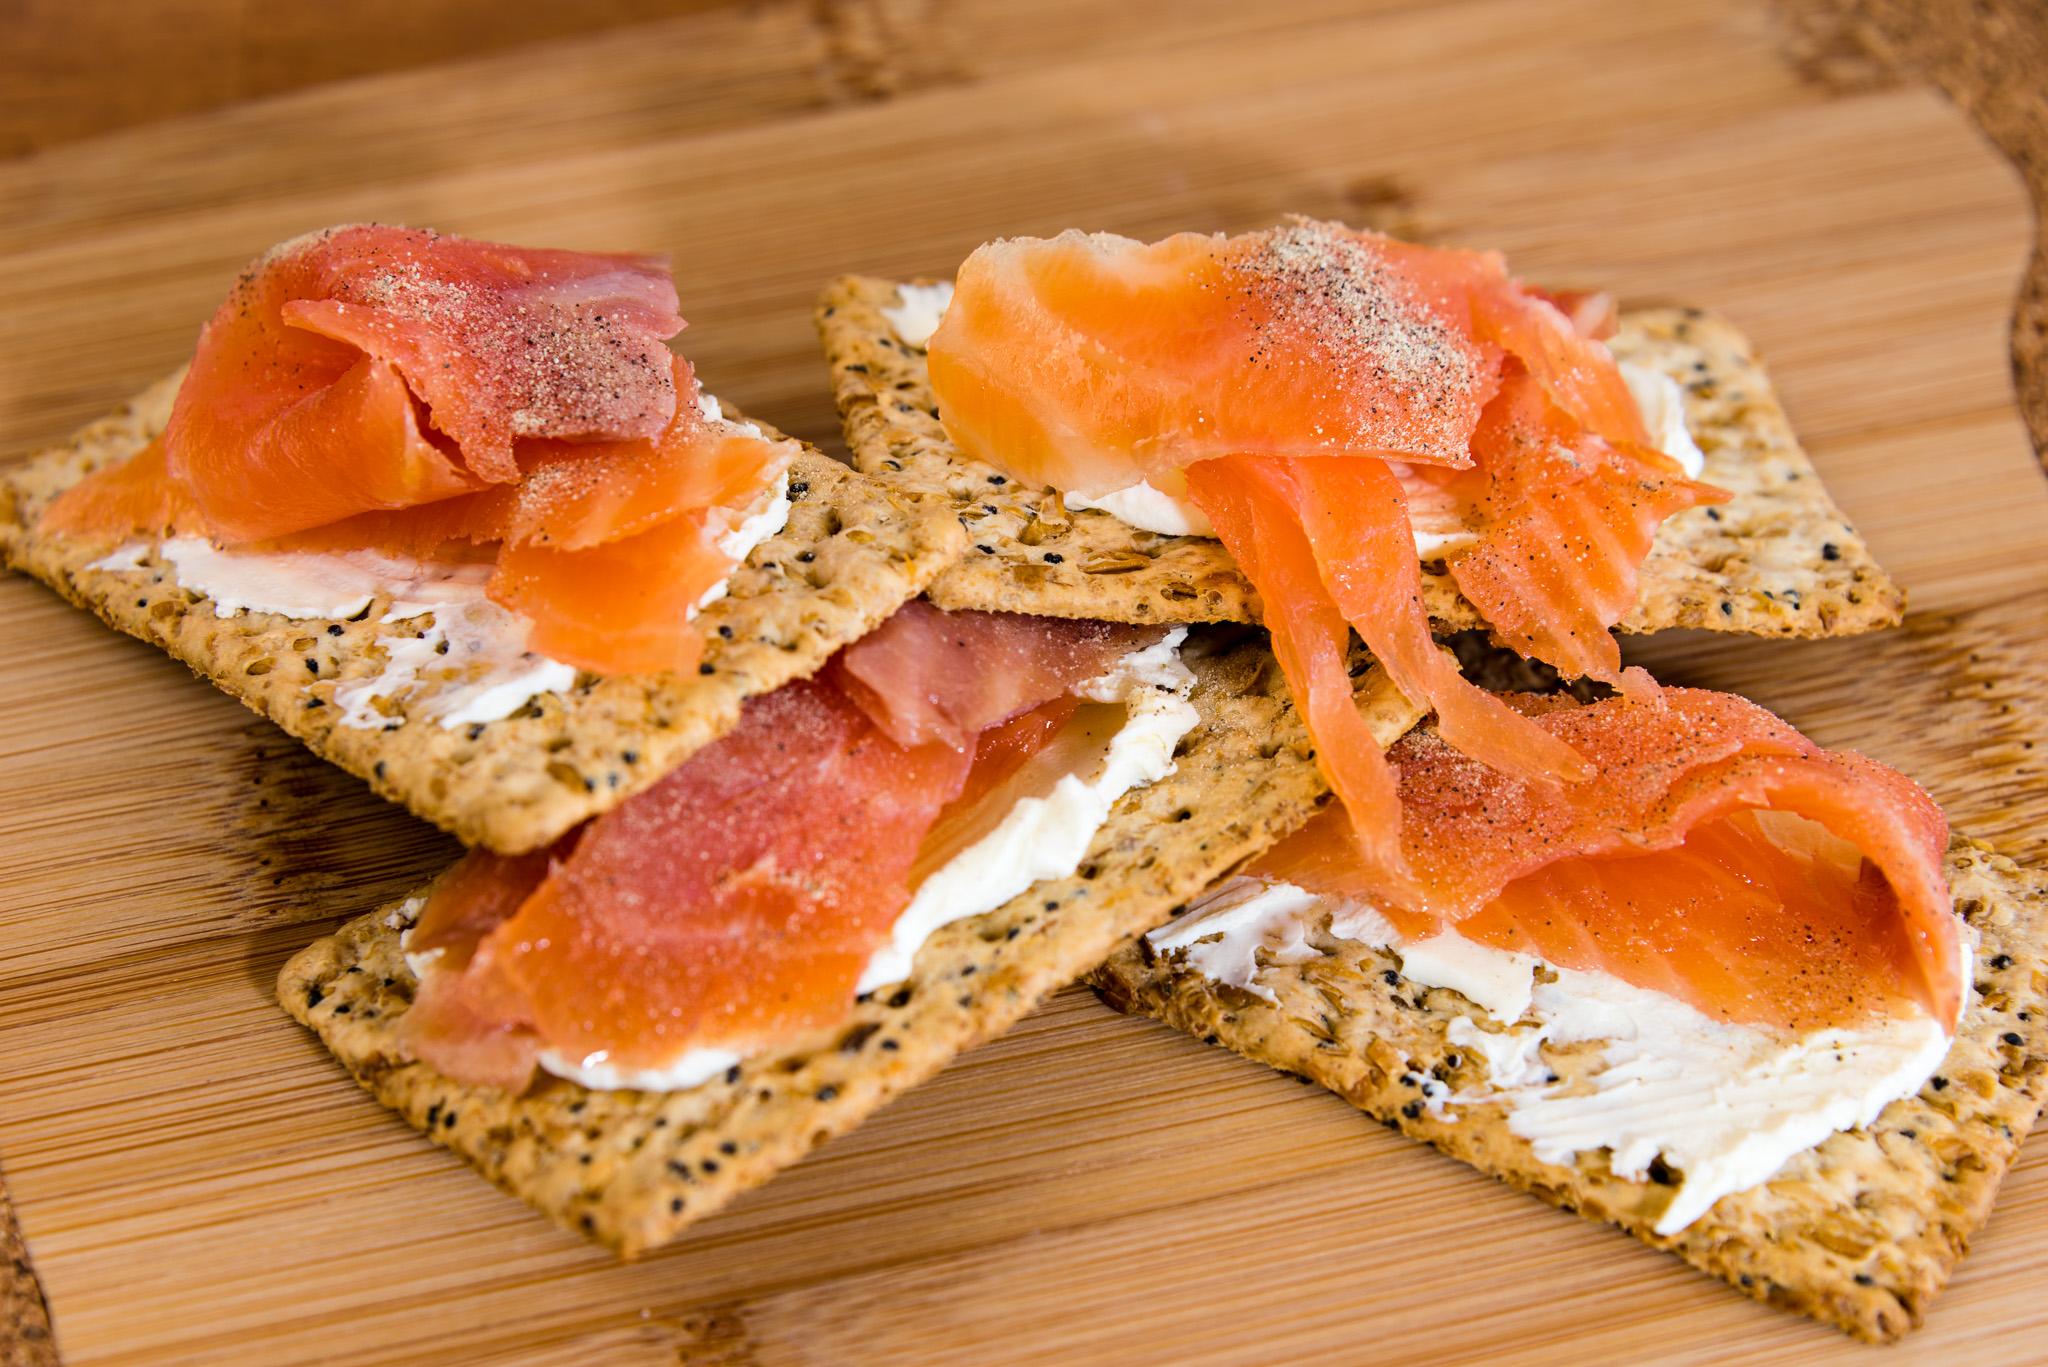 Gary Lum Smoked salmon with cream cheese on Vita-Weat